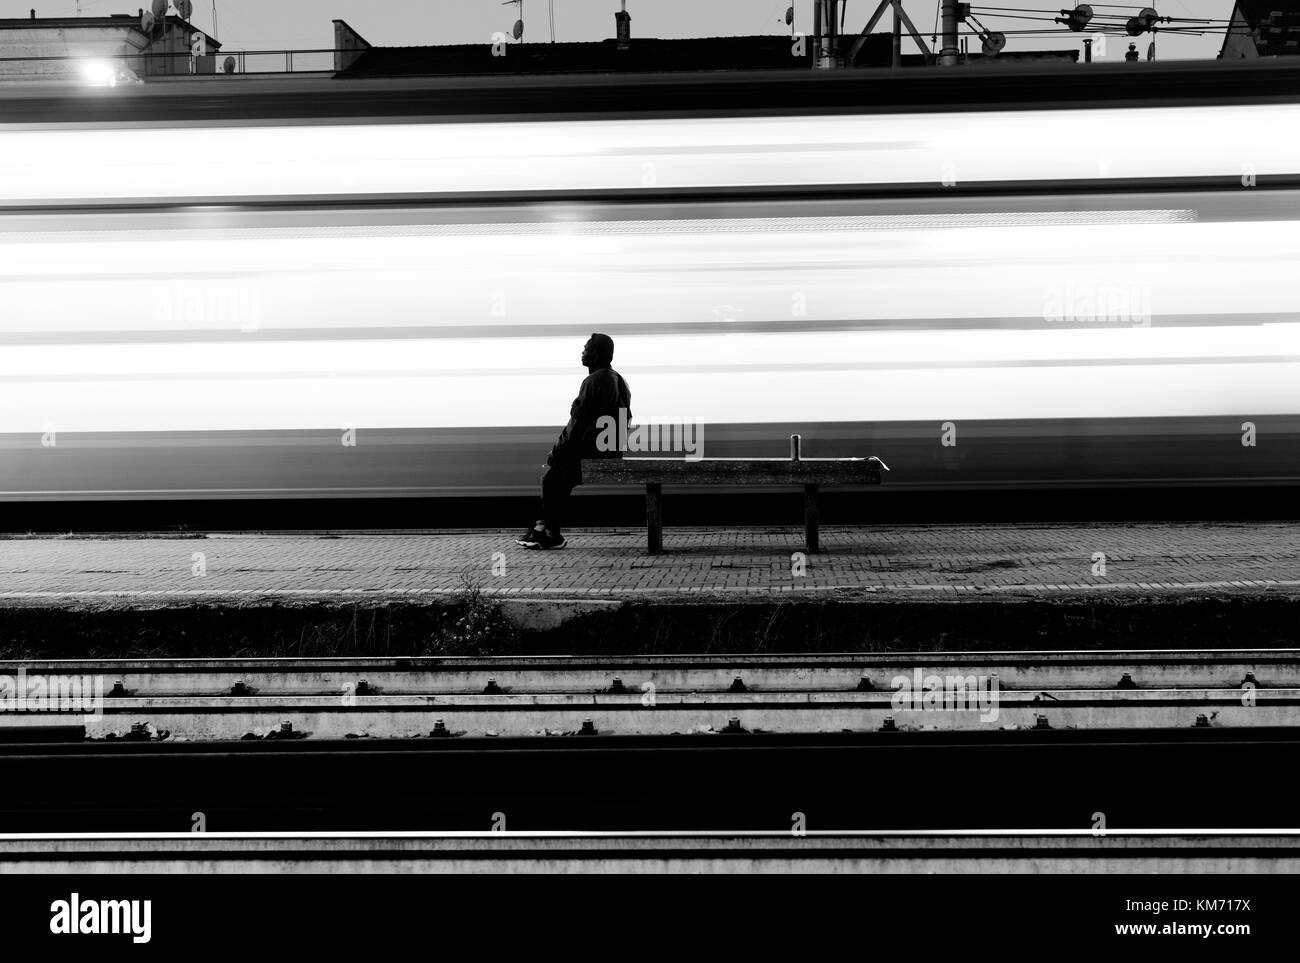 Der Mensch in der Nähe einer racing Zug, hinterlässt Spuren des Lichts Stockbild